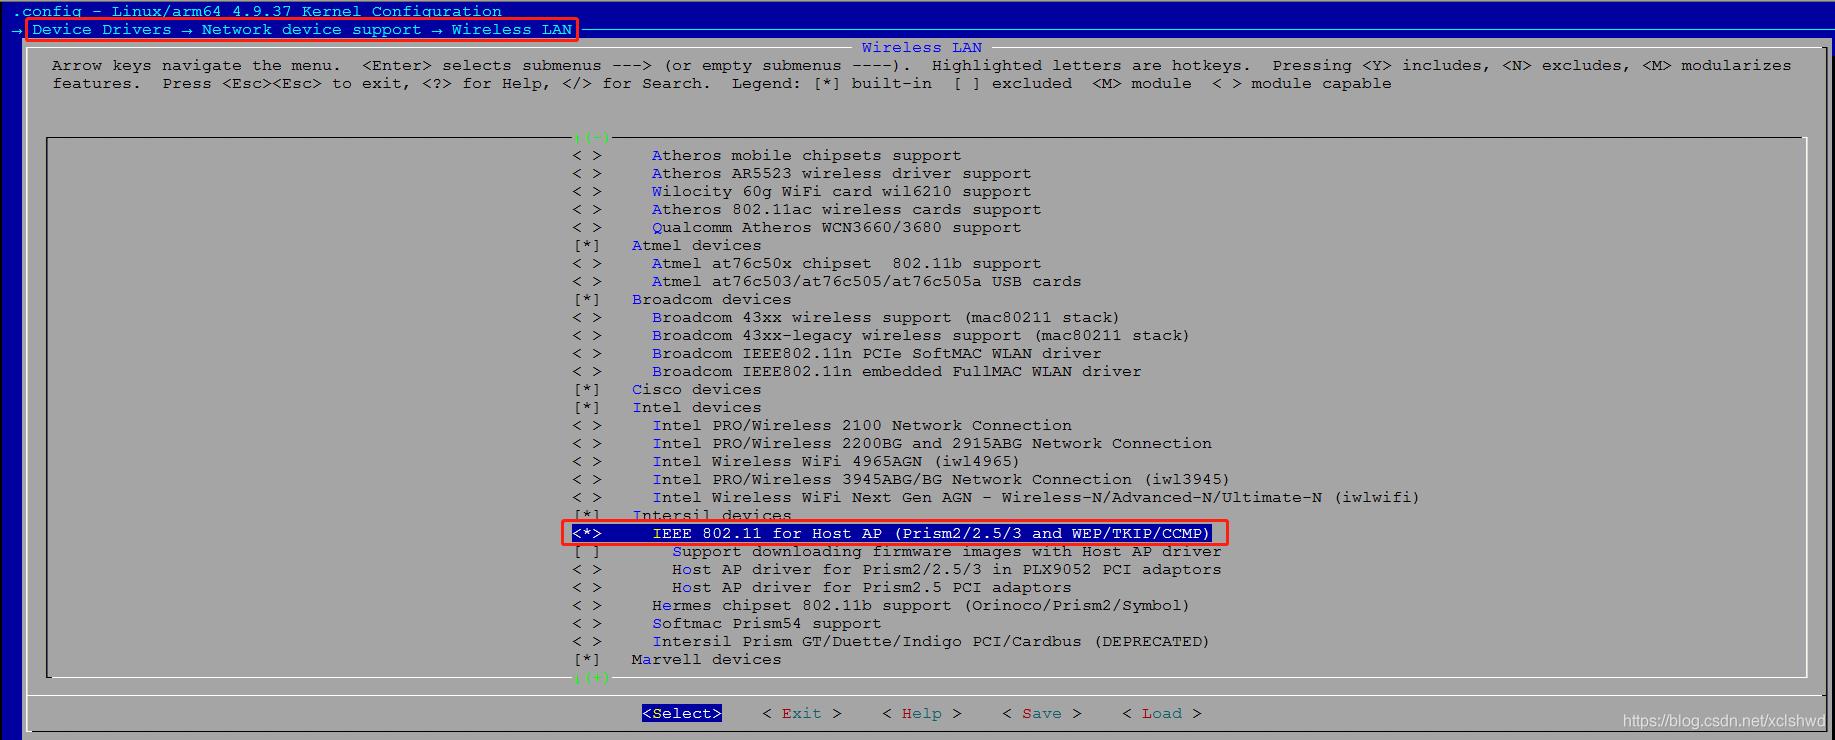 天工测控WG225 WIFI&BT RTL8821CS海思平台hi3559av100移植- 阿